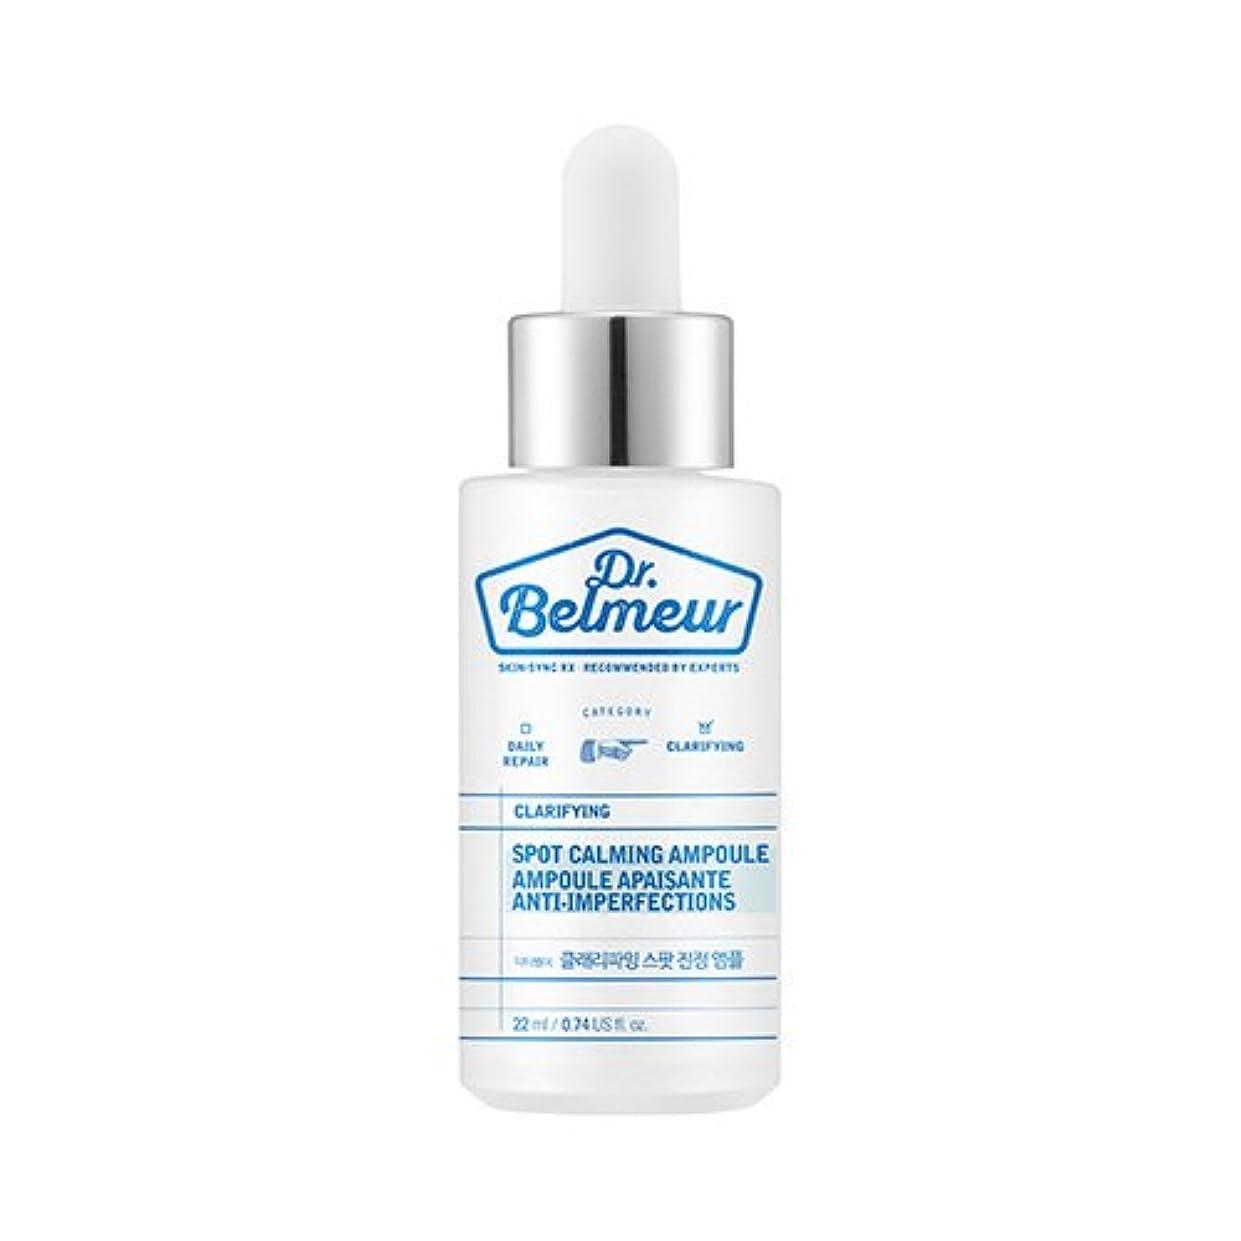 重さ自信があるおびえたTHE FACE SHOP Dr.Belmeur Clarifying Spot Calming Ampoule 22ml/ザフェイスショップ ドクターベルムール クラリファイング スポット カーミング アンプル 22ml